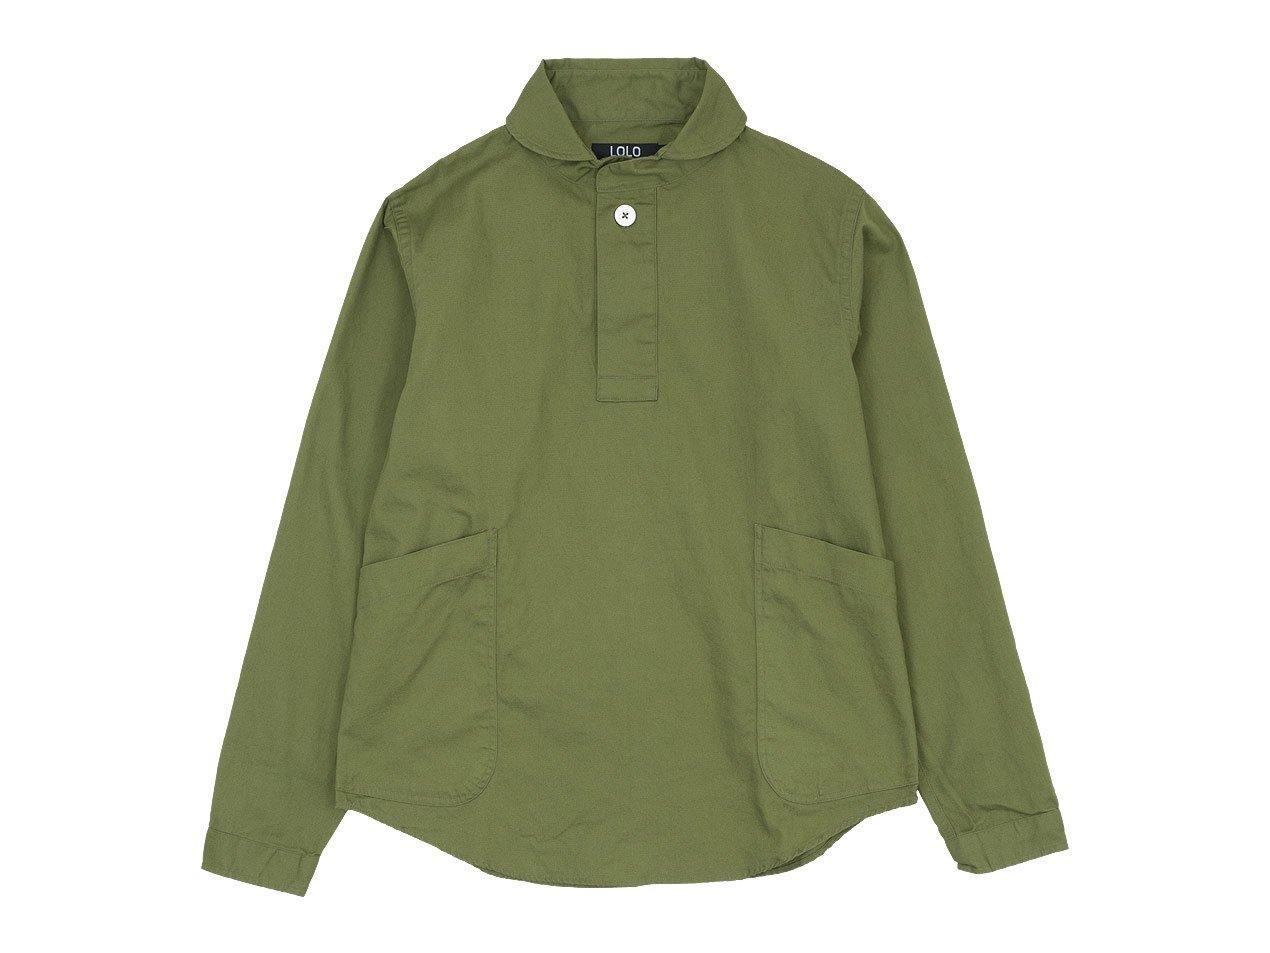 LOLO コットンプルオーバーシャツ OLIVE